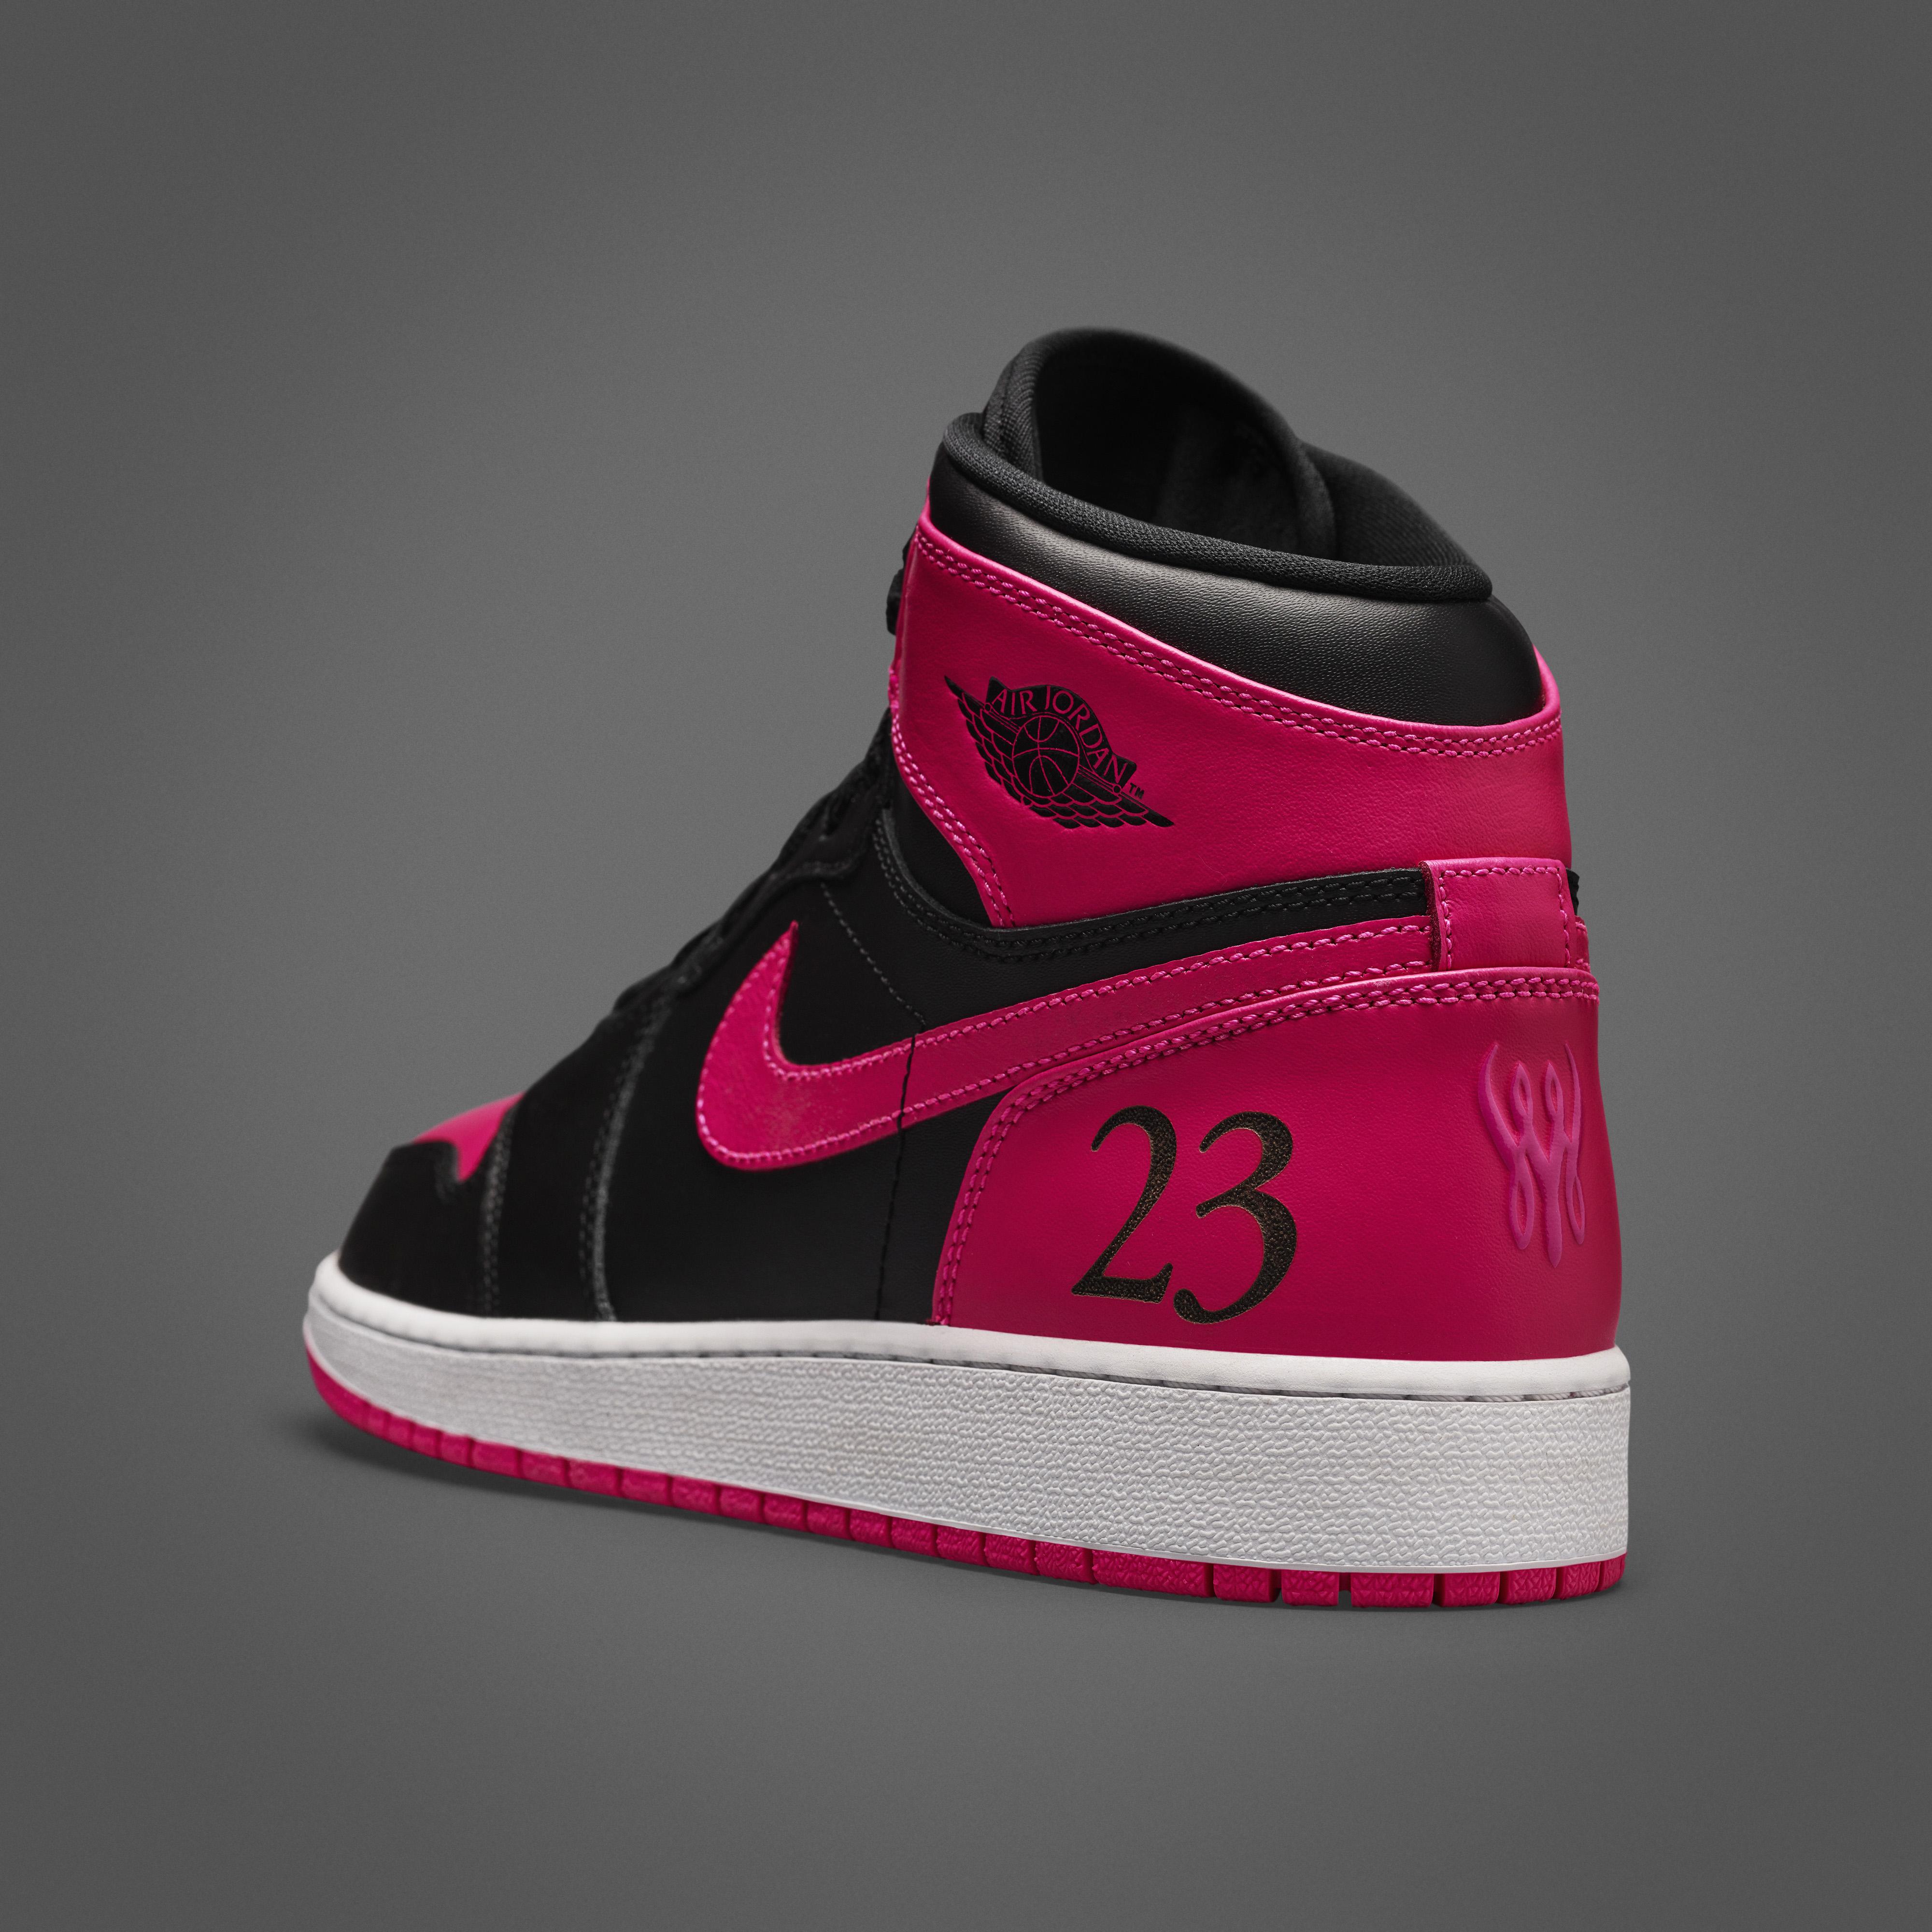 nike jordan shoes lo · hi. nike and jordan ... DNEEWYT